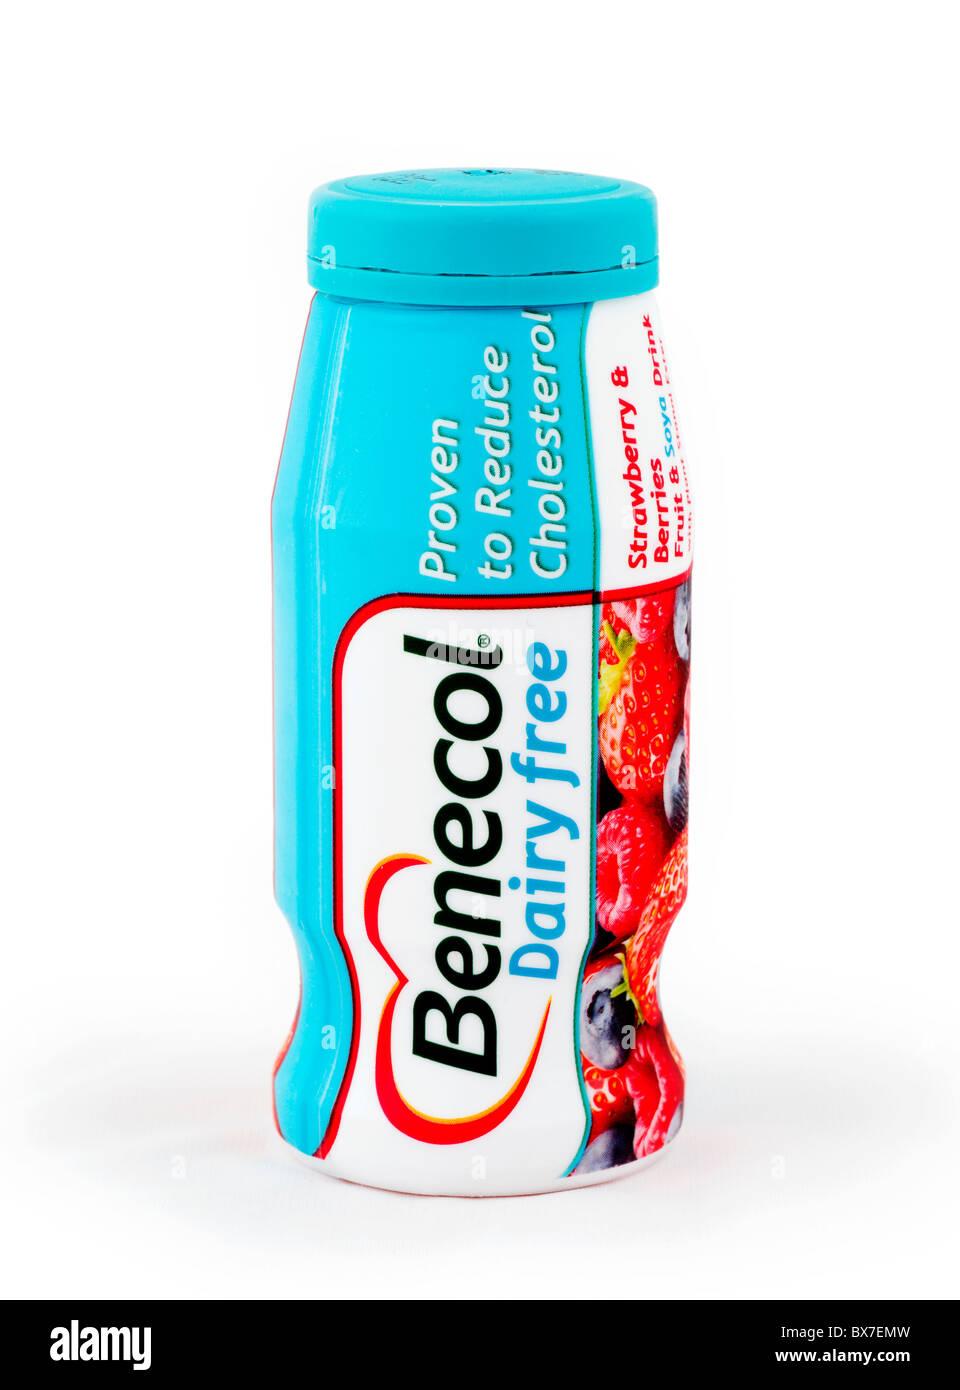 Benecol cholesterinsenkenden Getränk Flasche Stockbild